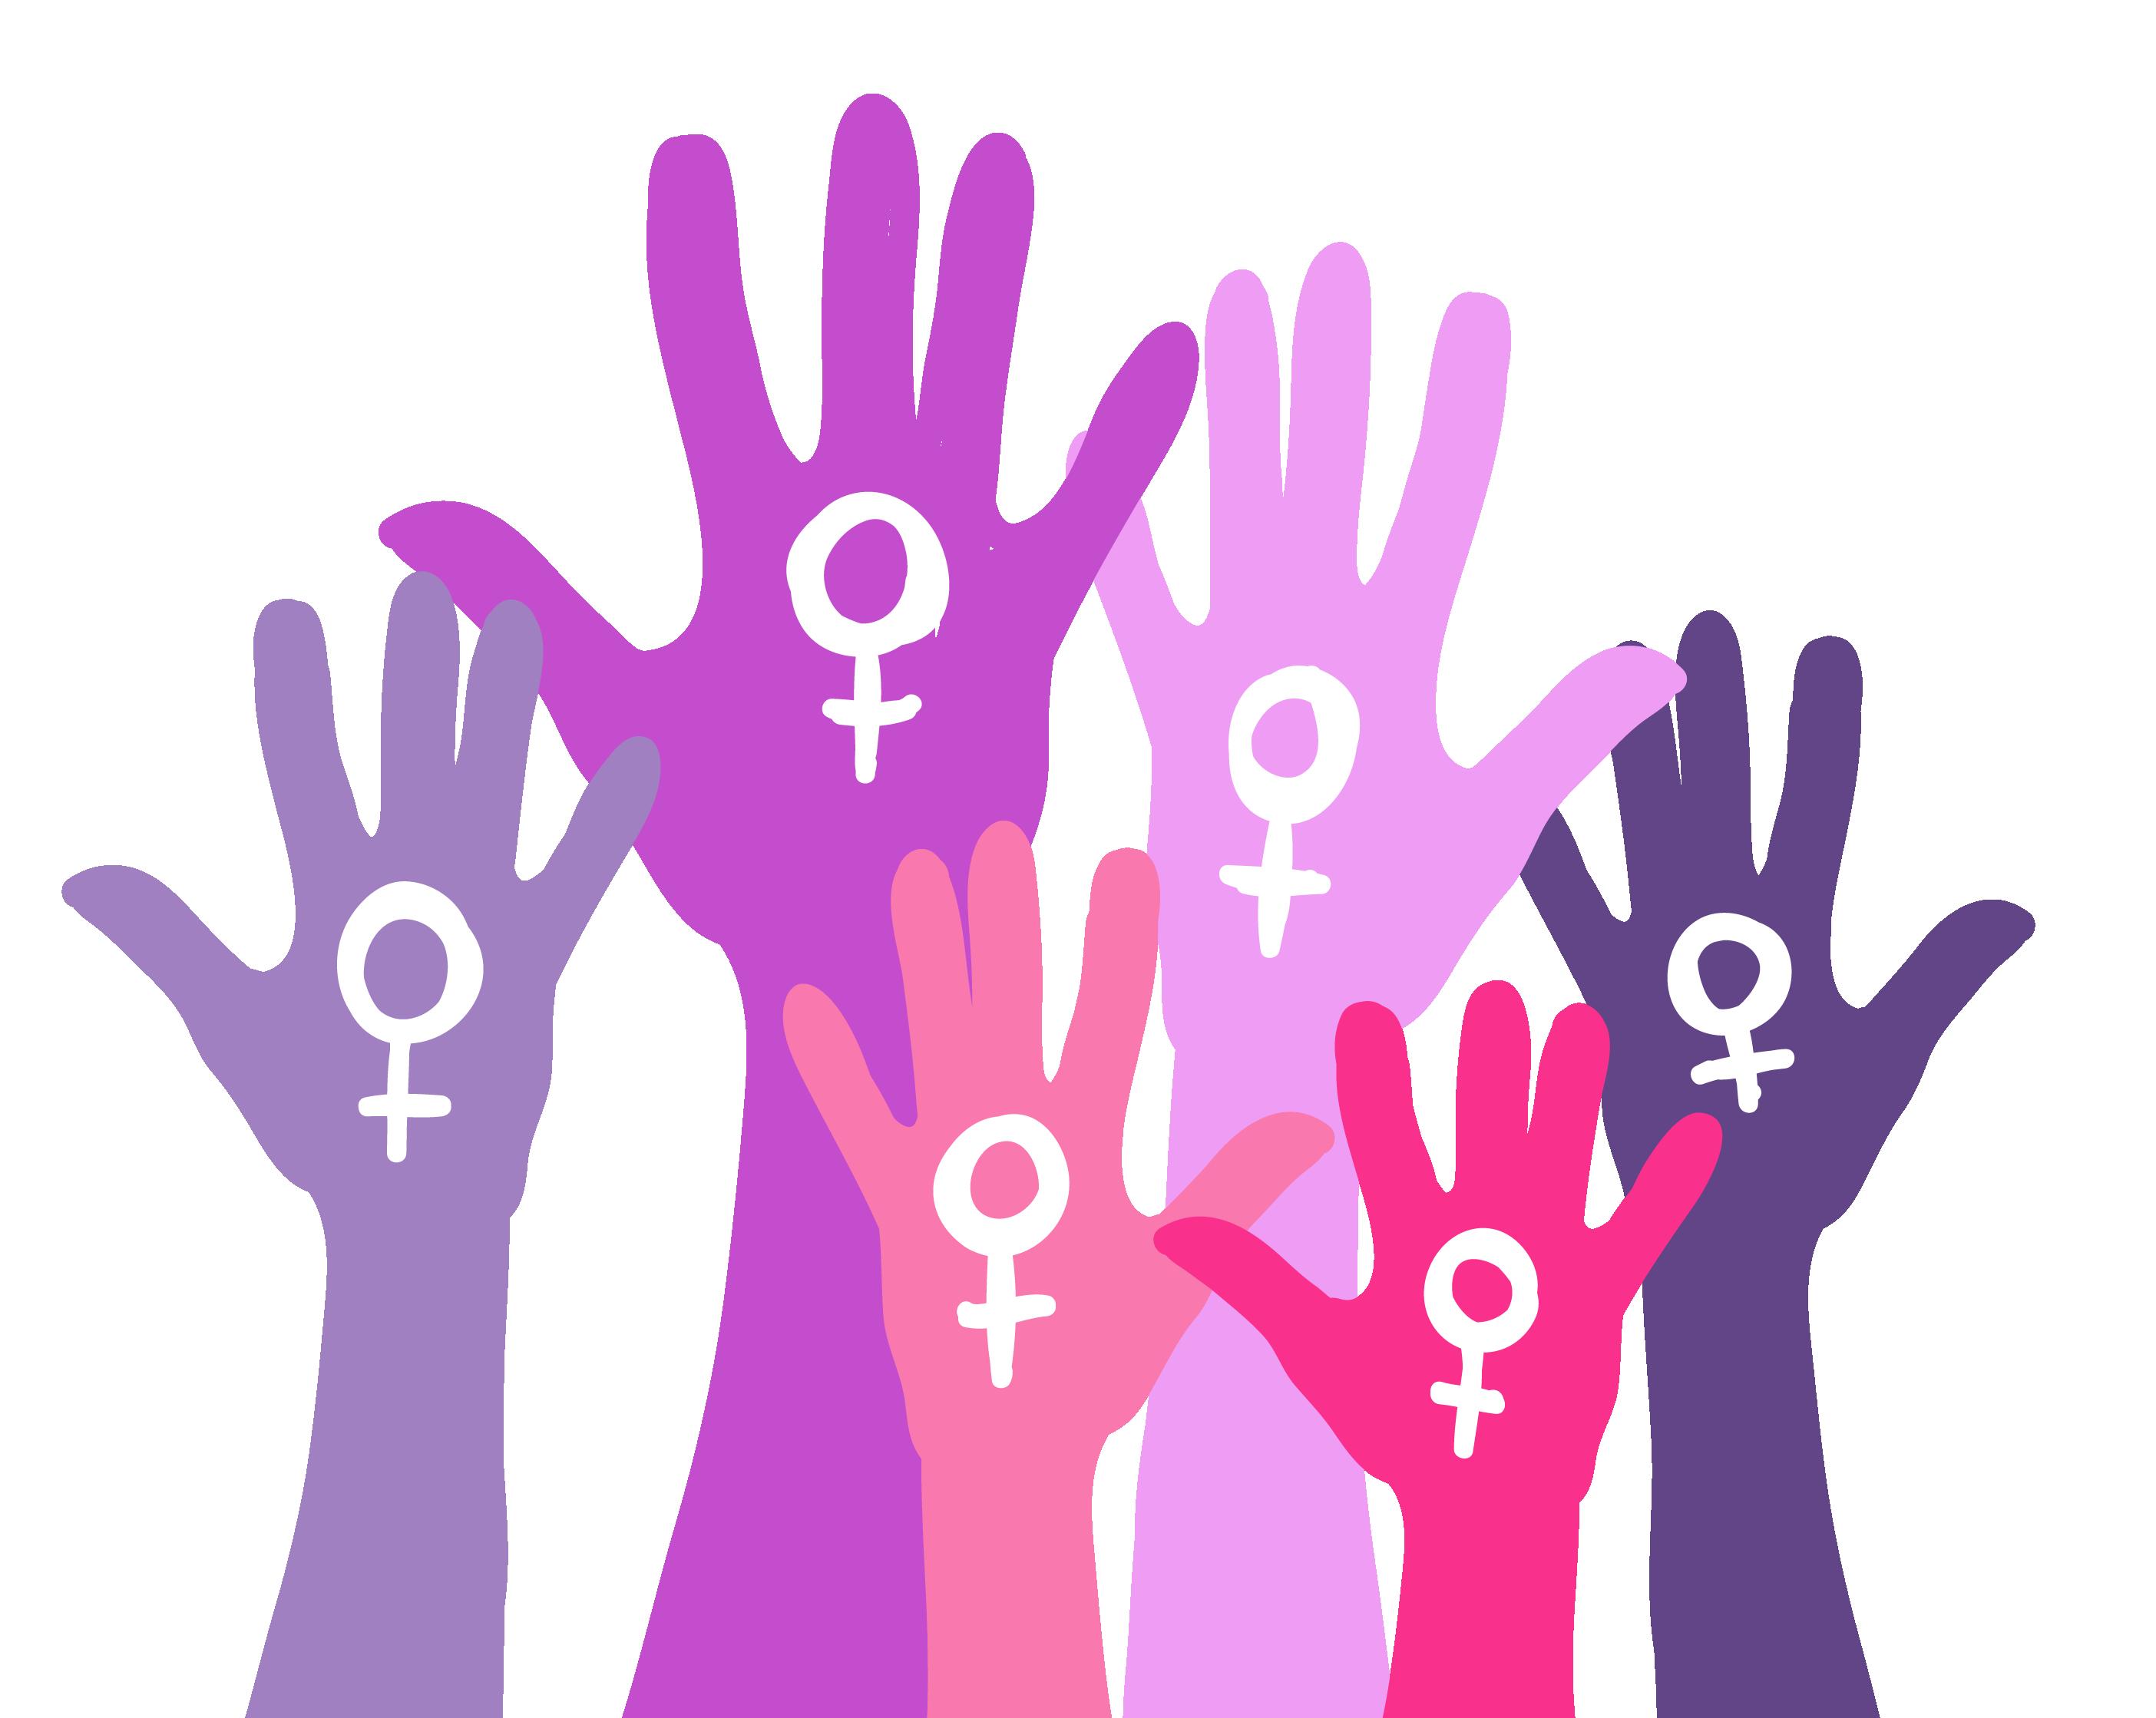 Kovo 8-oji. Moterys ir stereotipai